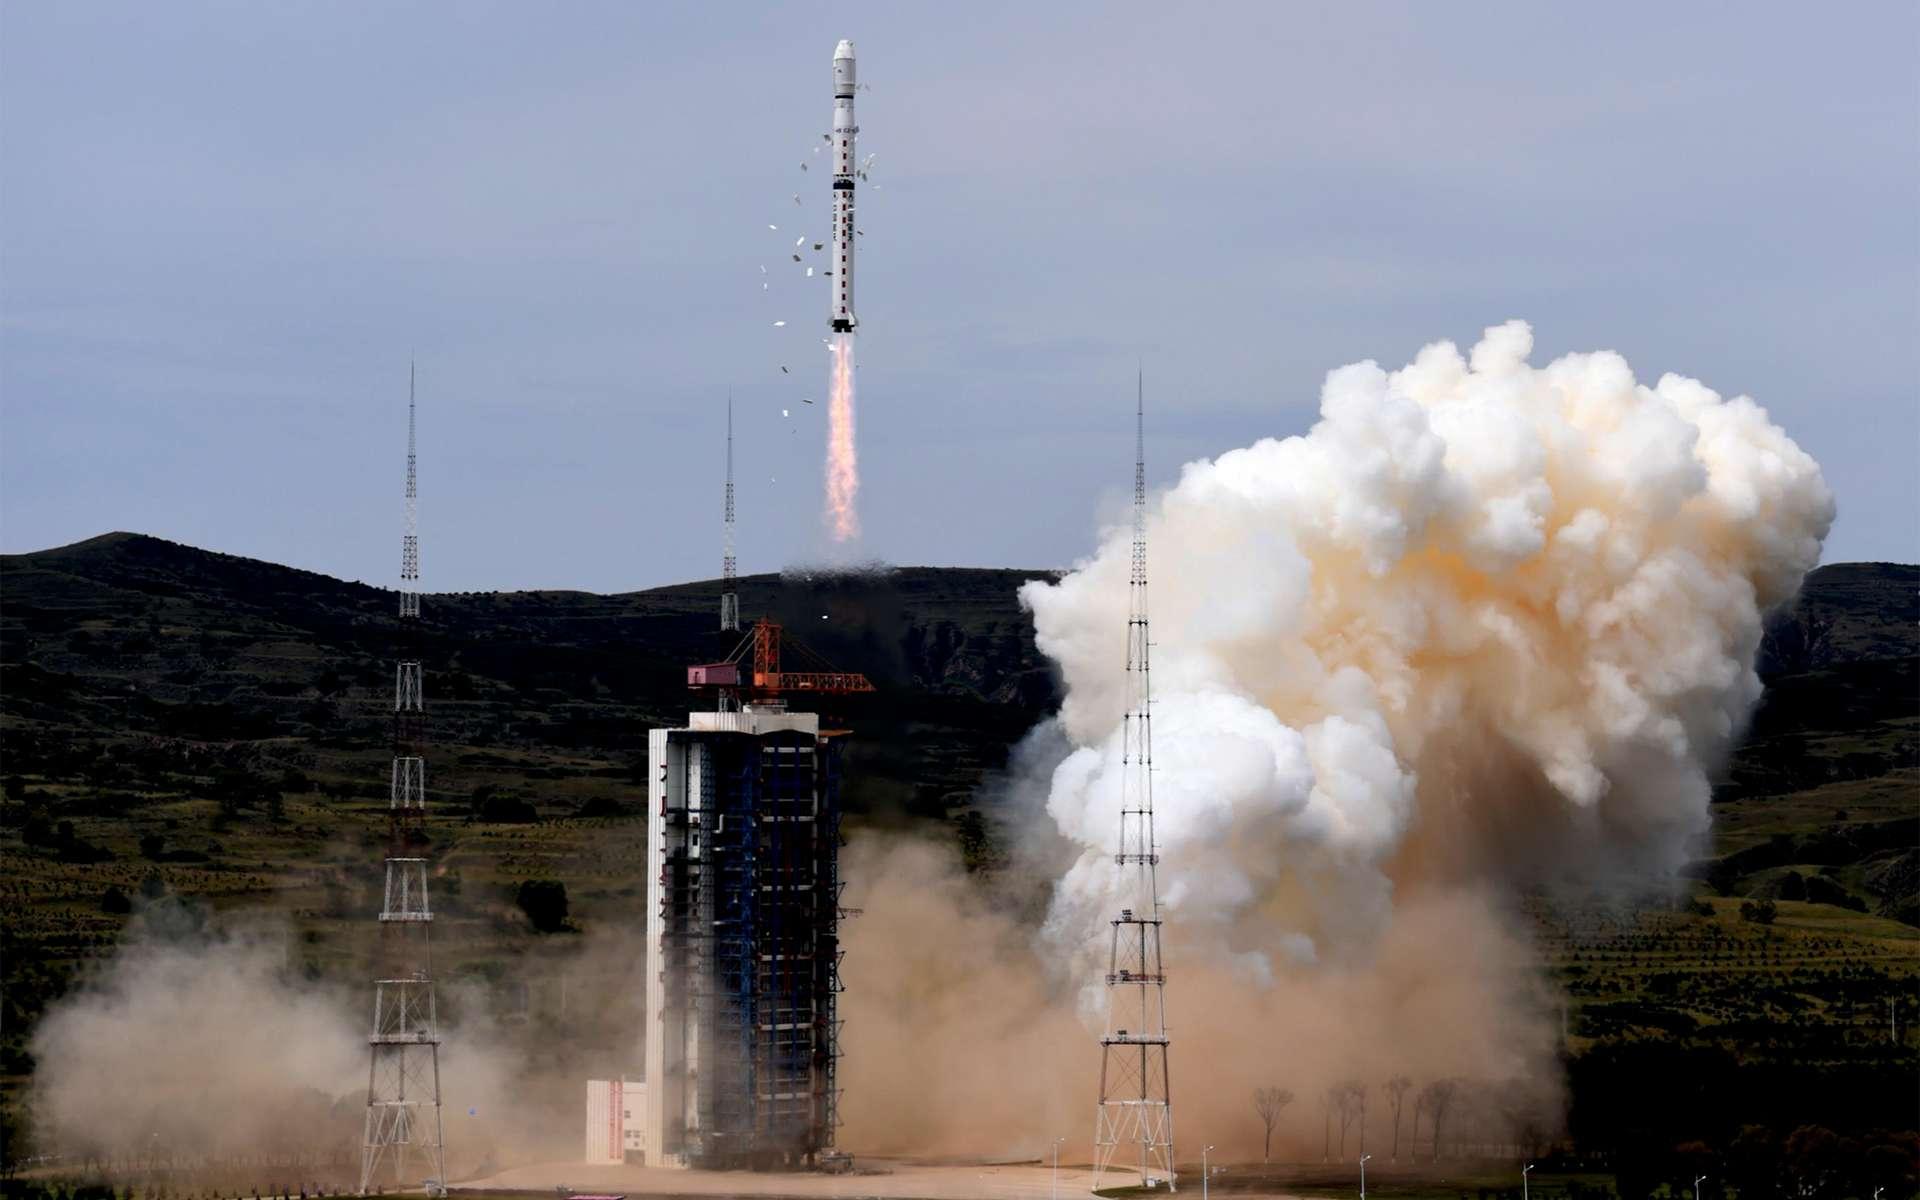 Décollage d'un lanceur Long March 4B depuis la base de lancement de Taiyuan, située dans la province du Shanxi au nord-est de la Chine. © Xinhua